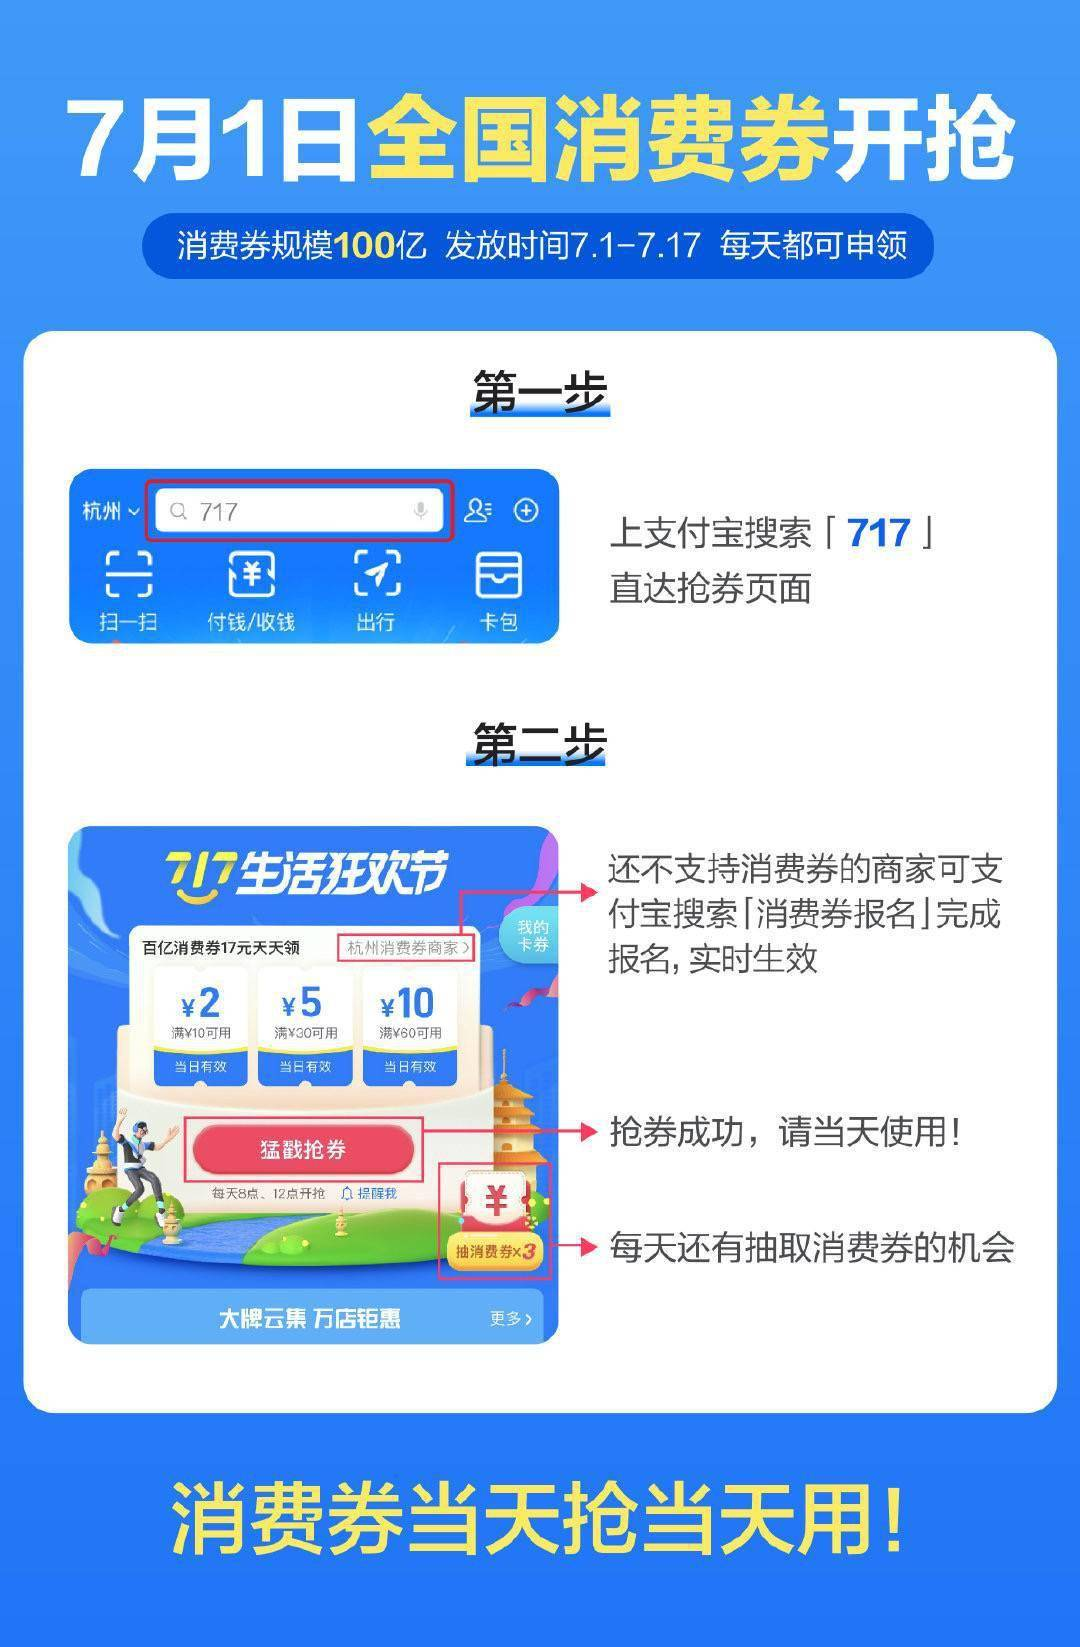 早报丨 iPhone 12 5G 频段或分两种版本 / 麦当劳停用吸管 / 老干妈回应遭腾讯起诉